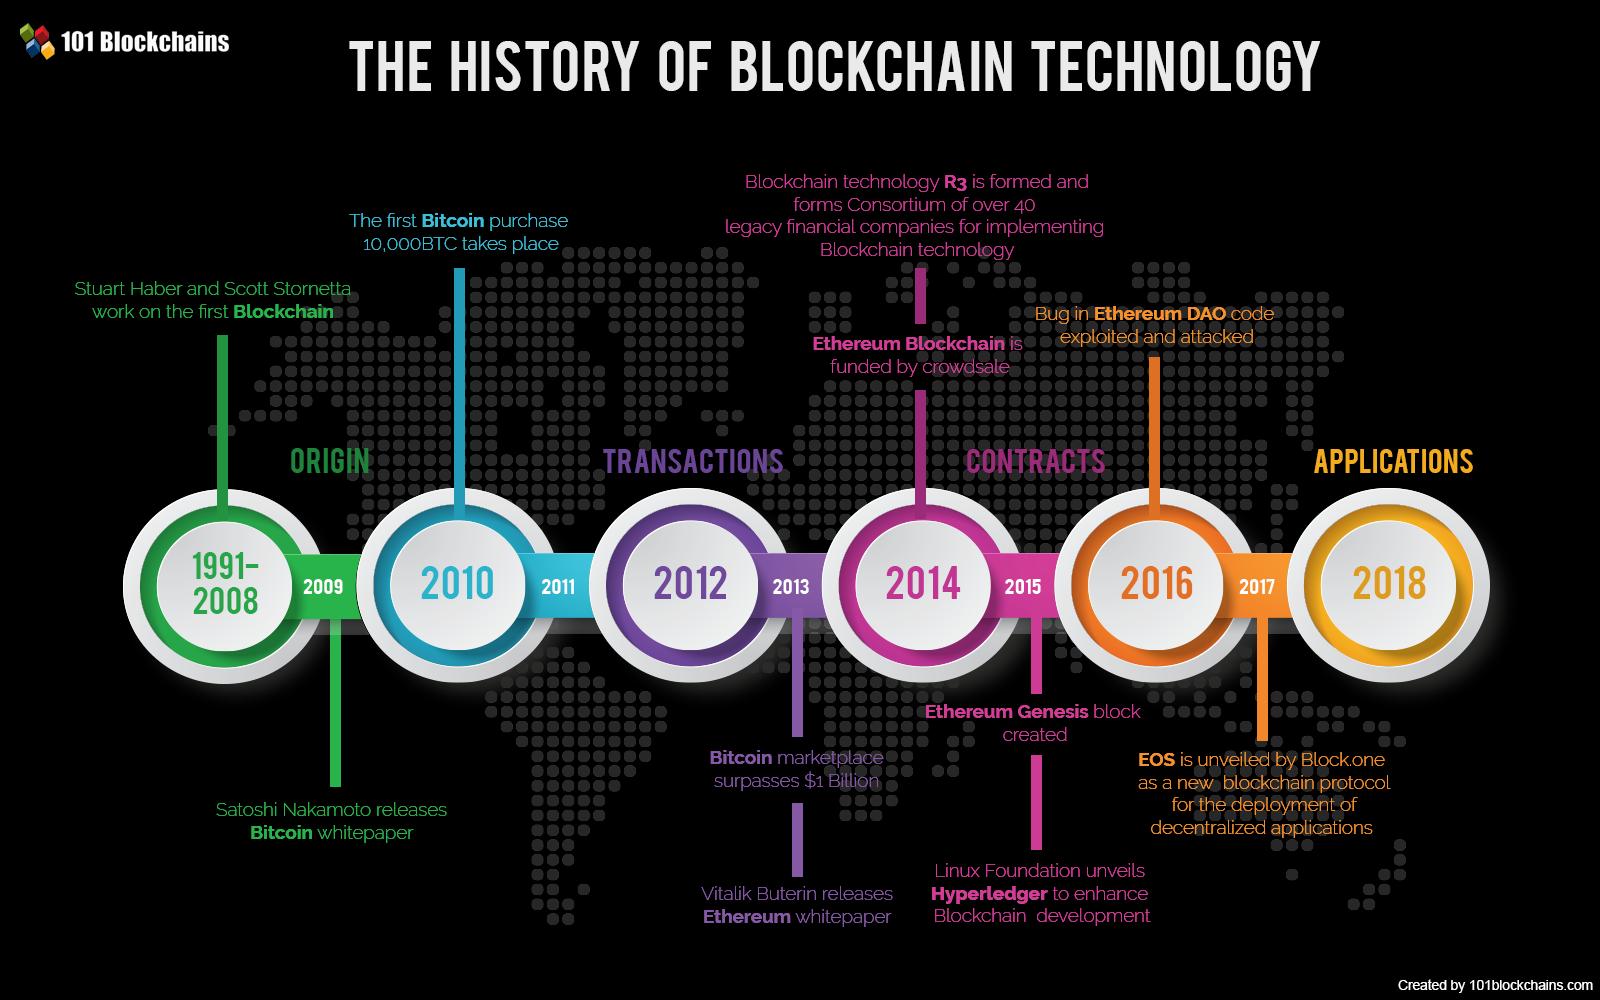 Historia de la tecnologìa BlockChain